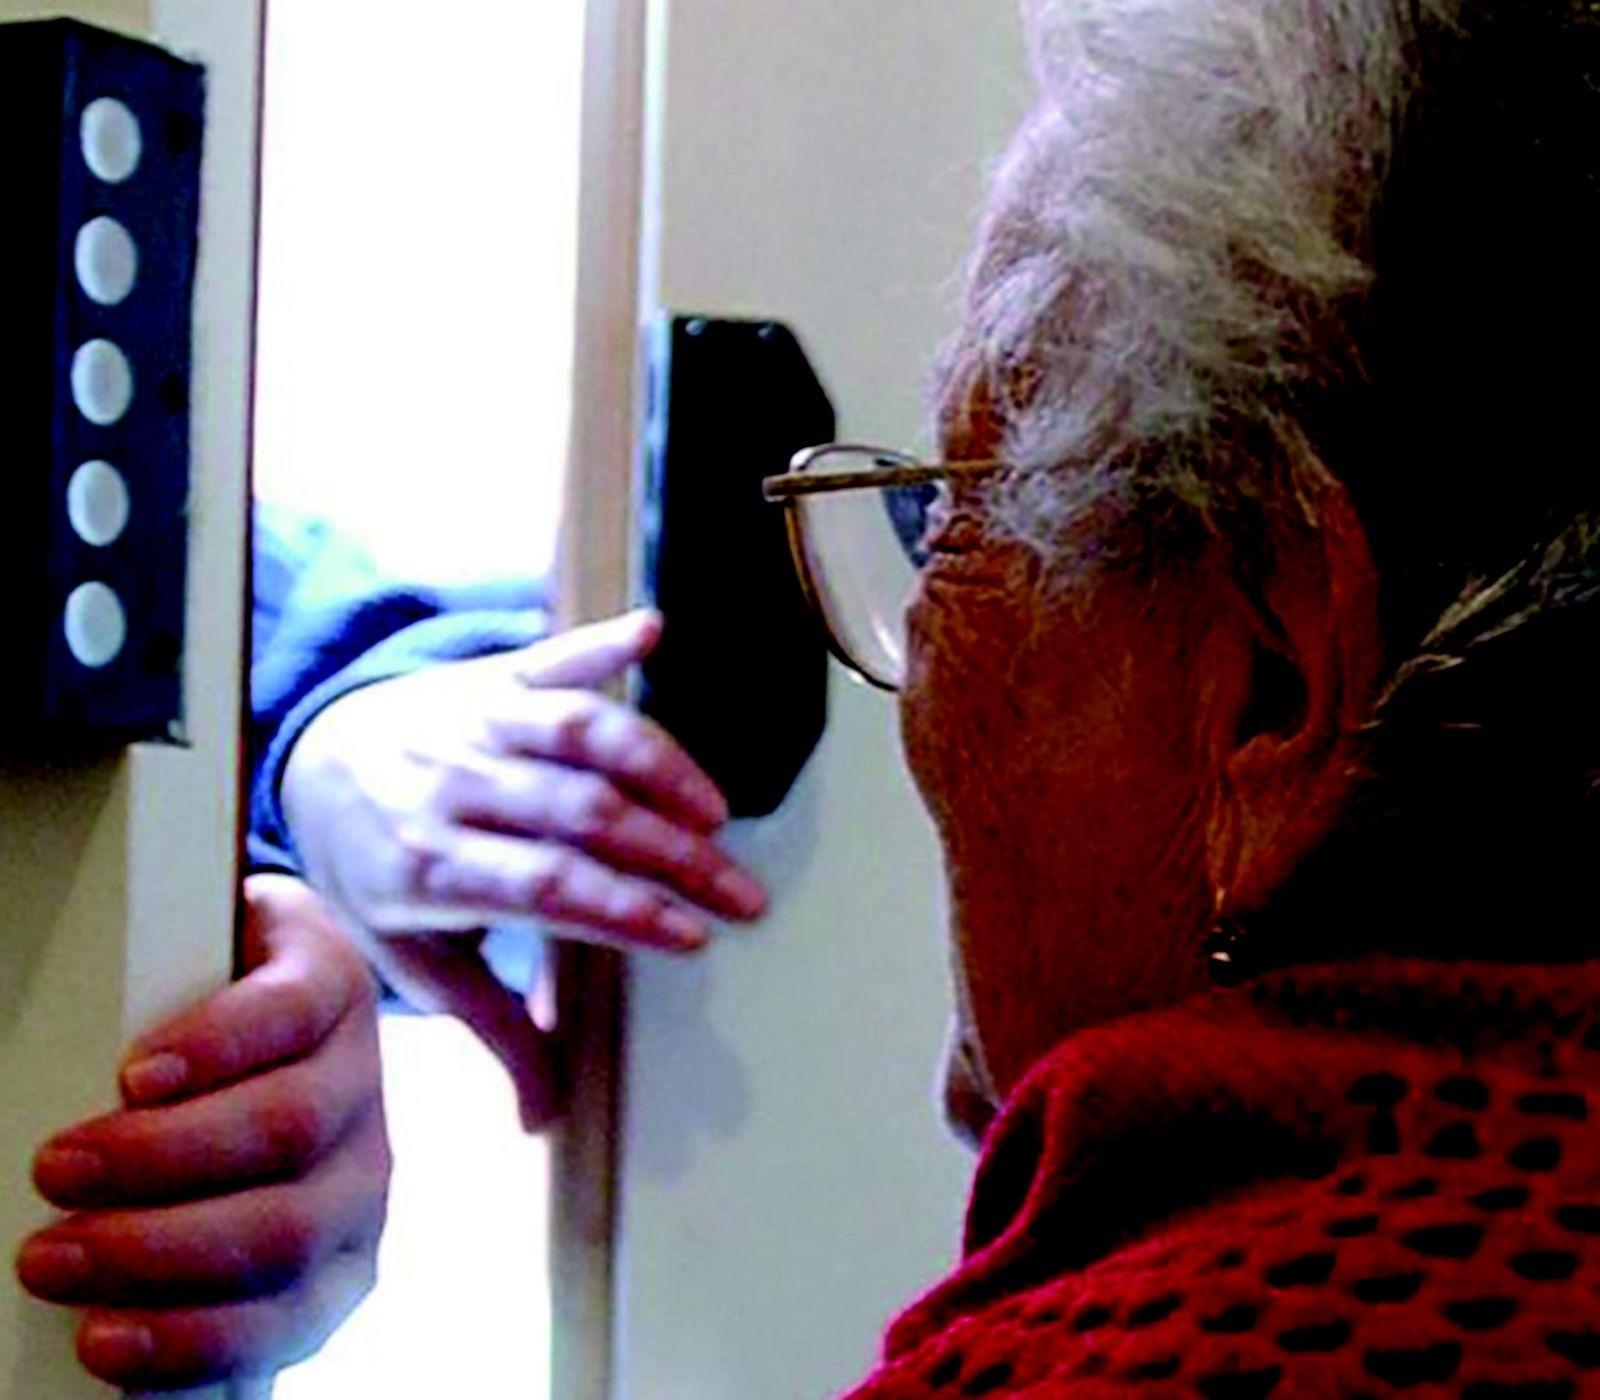 Forlì, cercano di truffare due anziane. Ma le vittime non abboccano